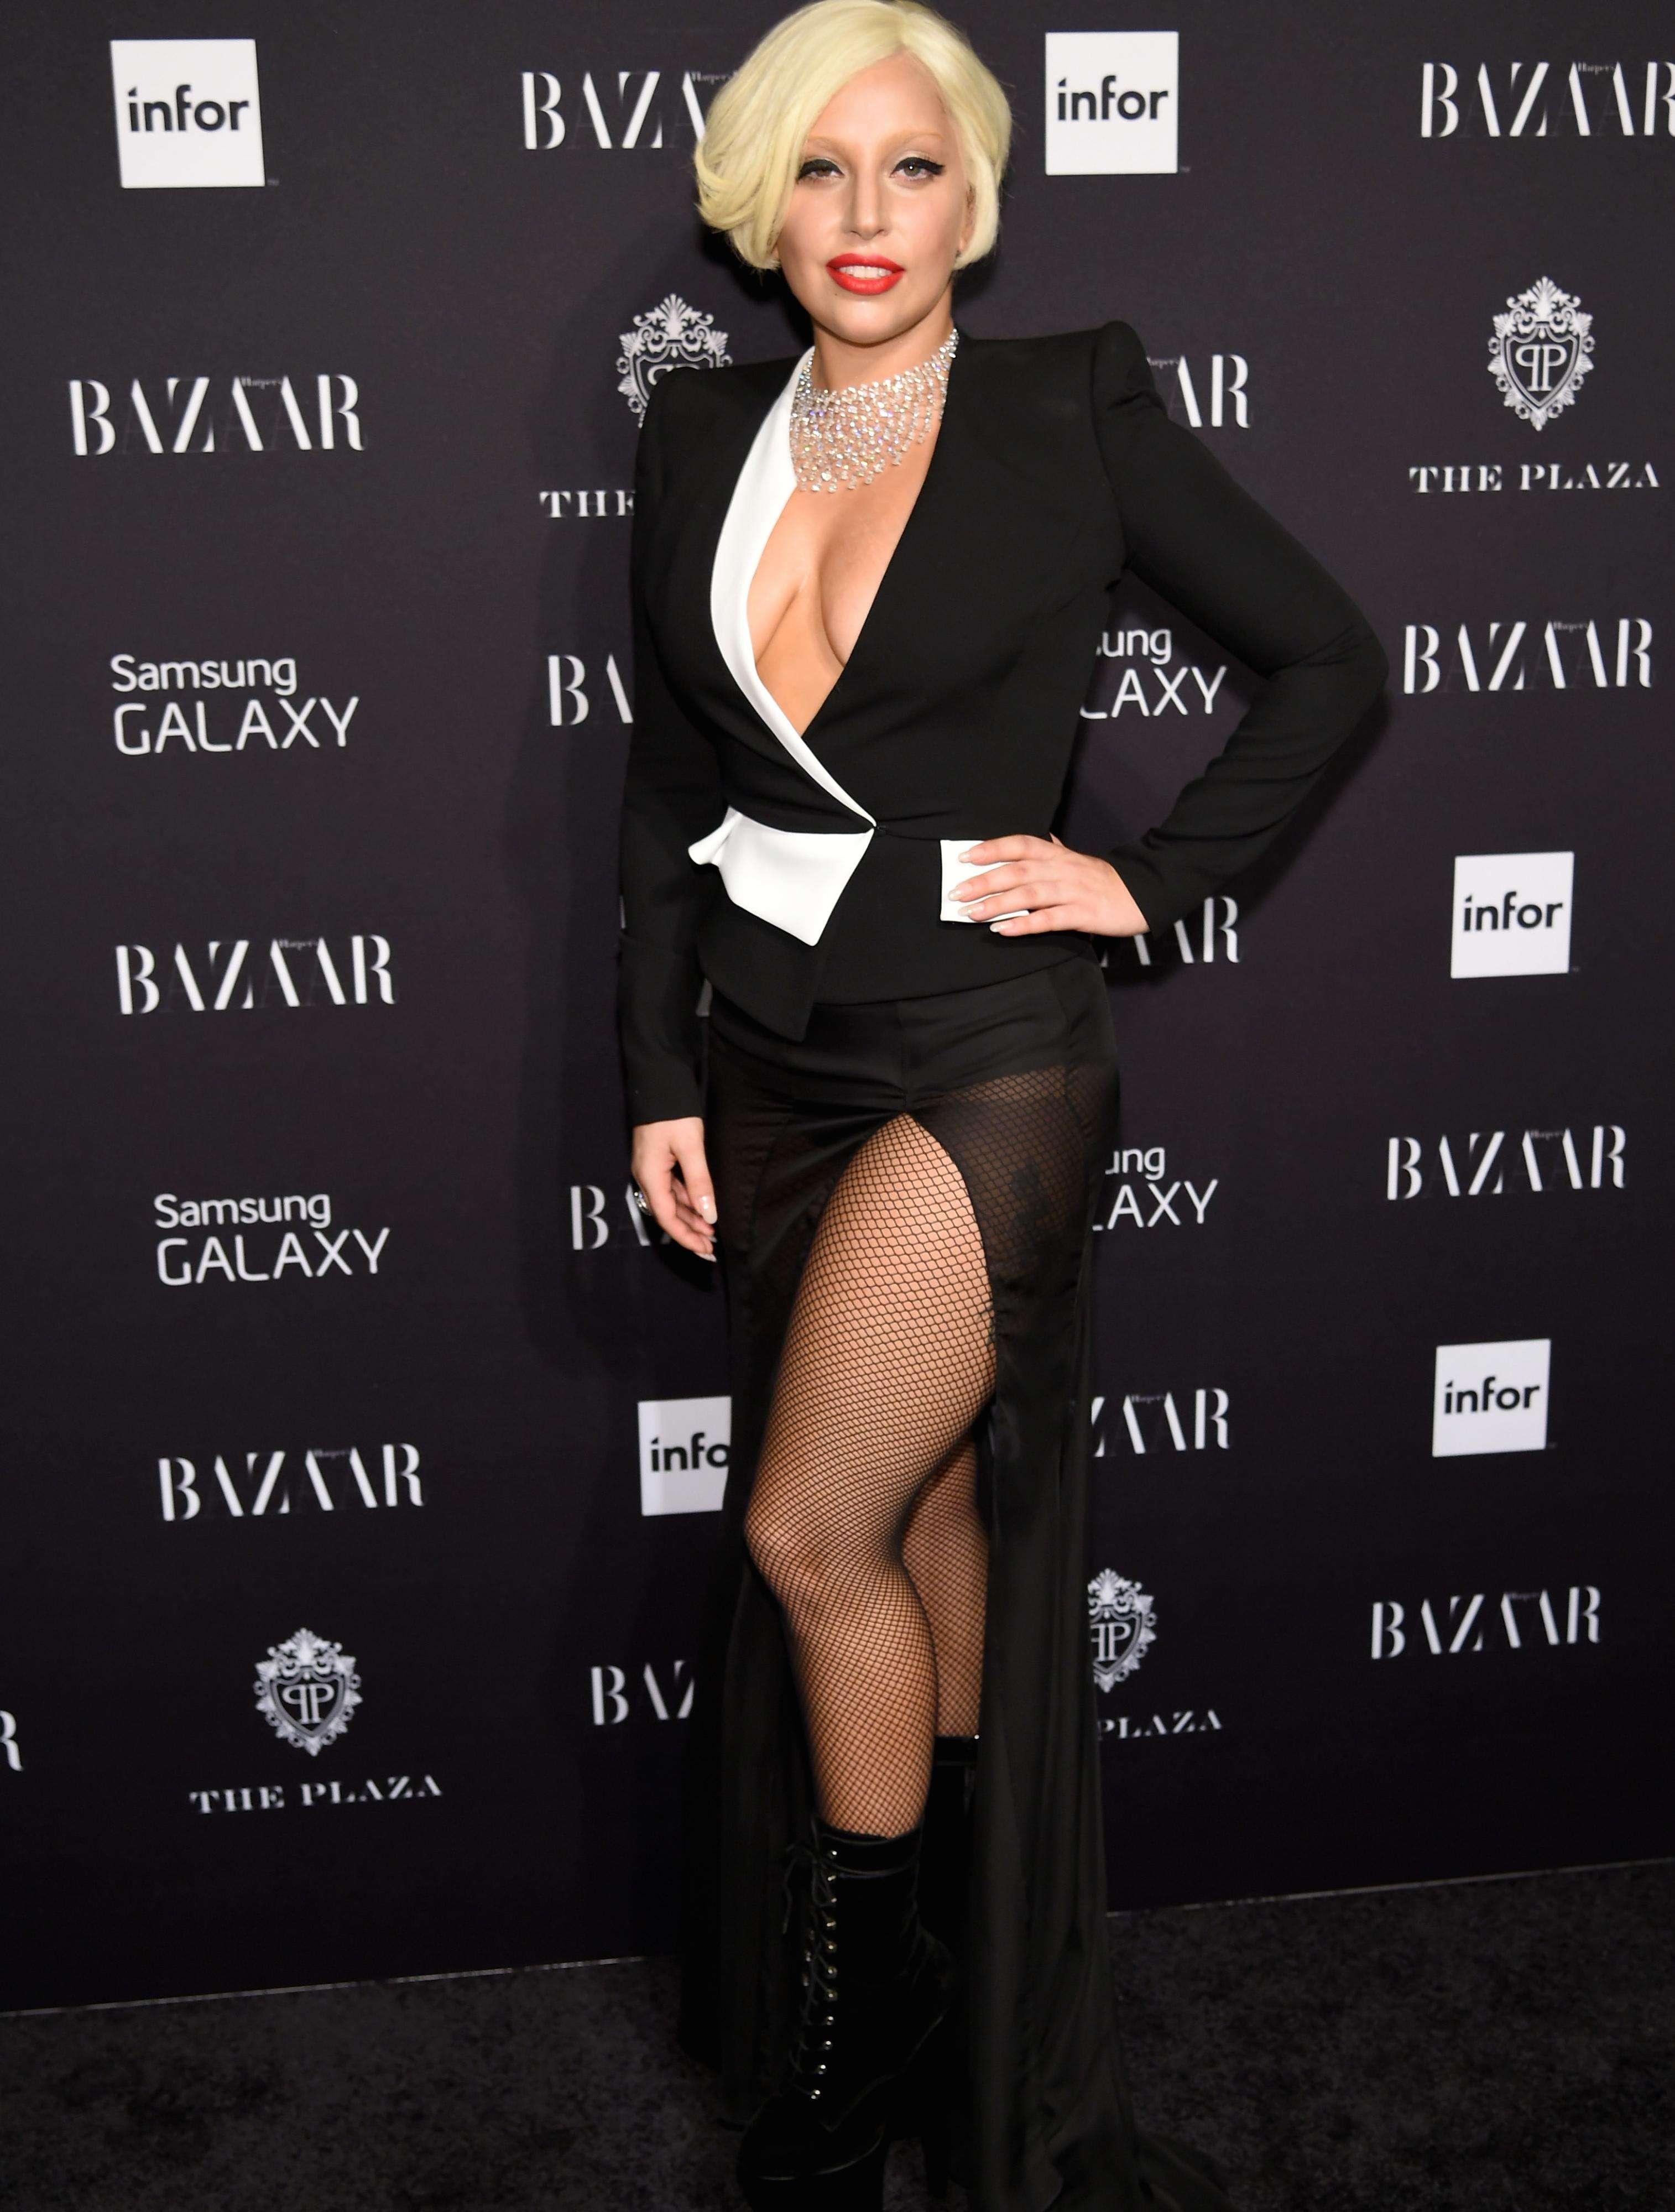 Lady Gaga acudió a terapia para superar el haber sido víctima de violación. Foto: Getty Images